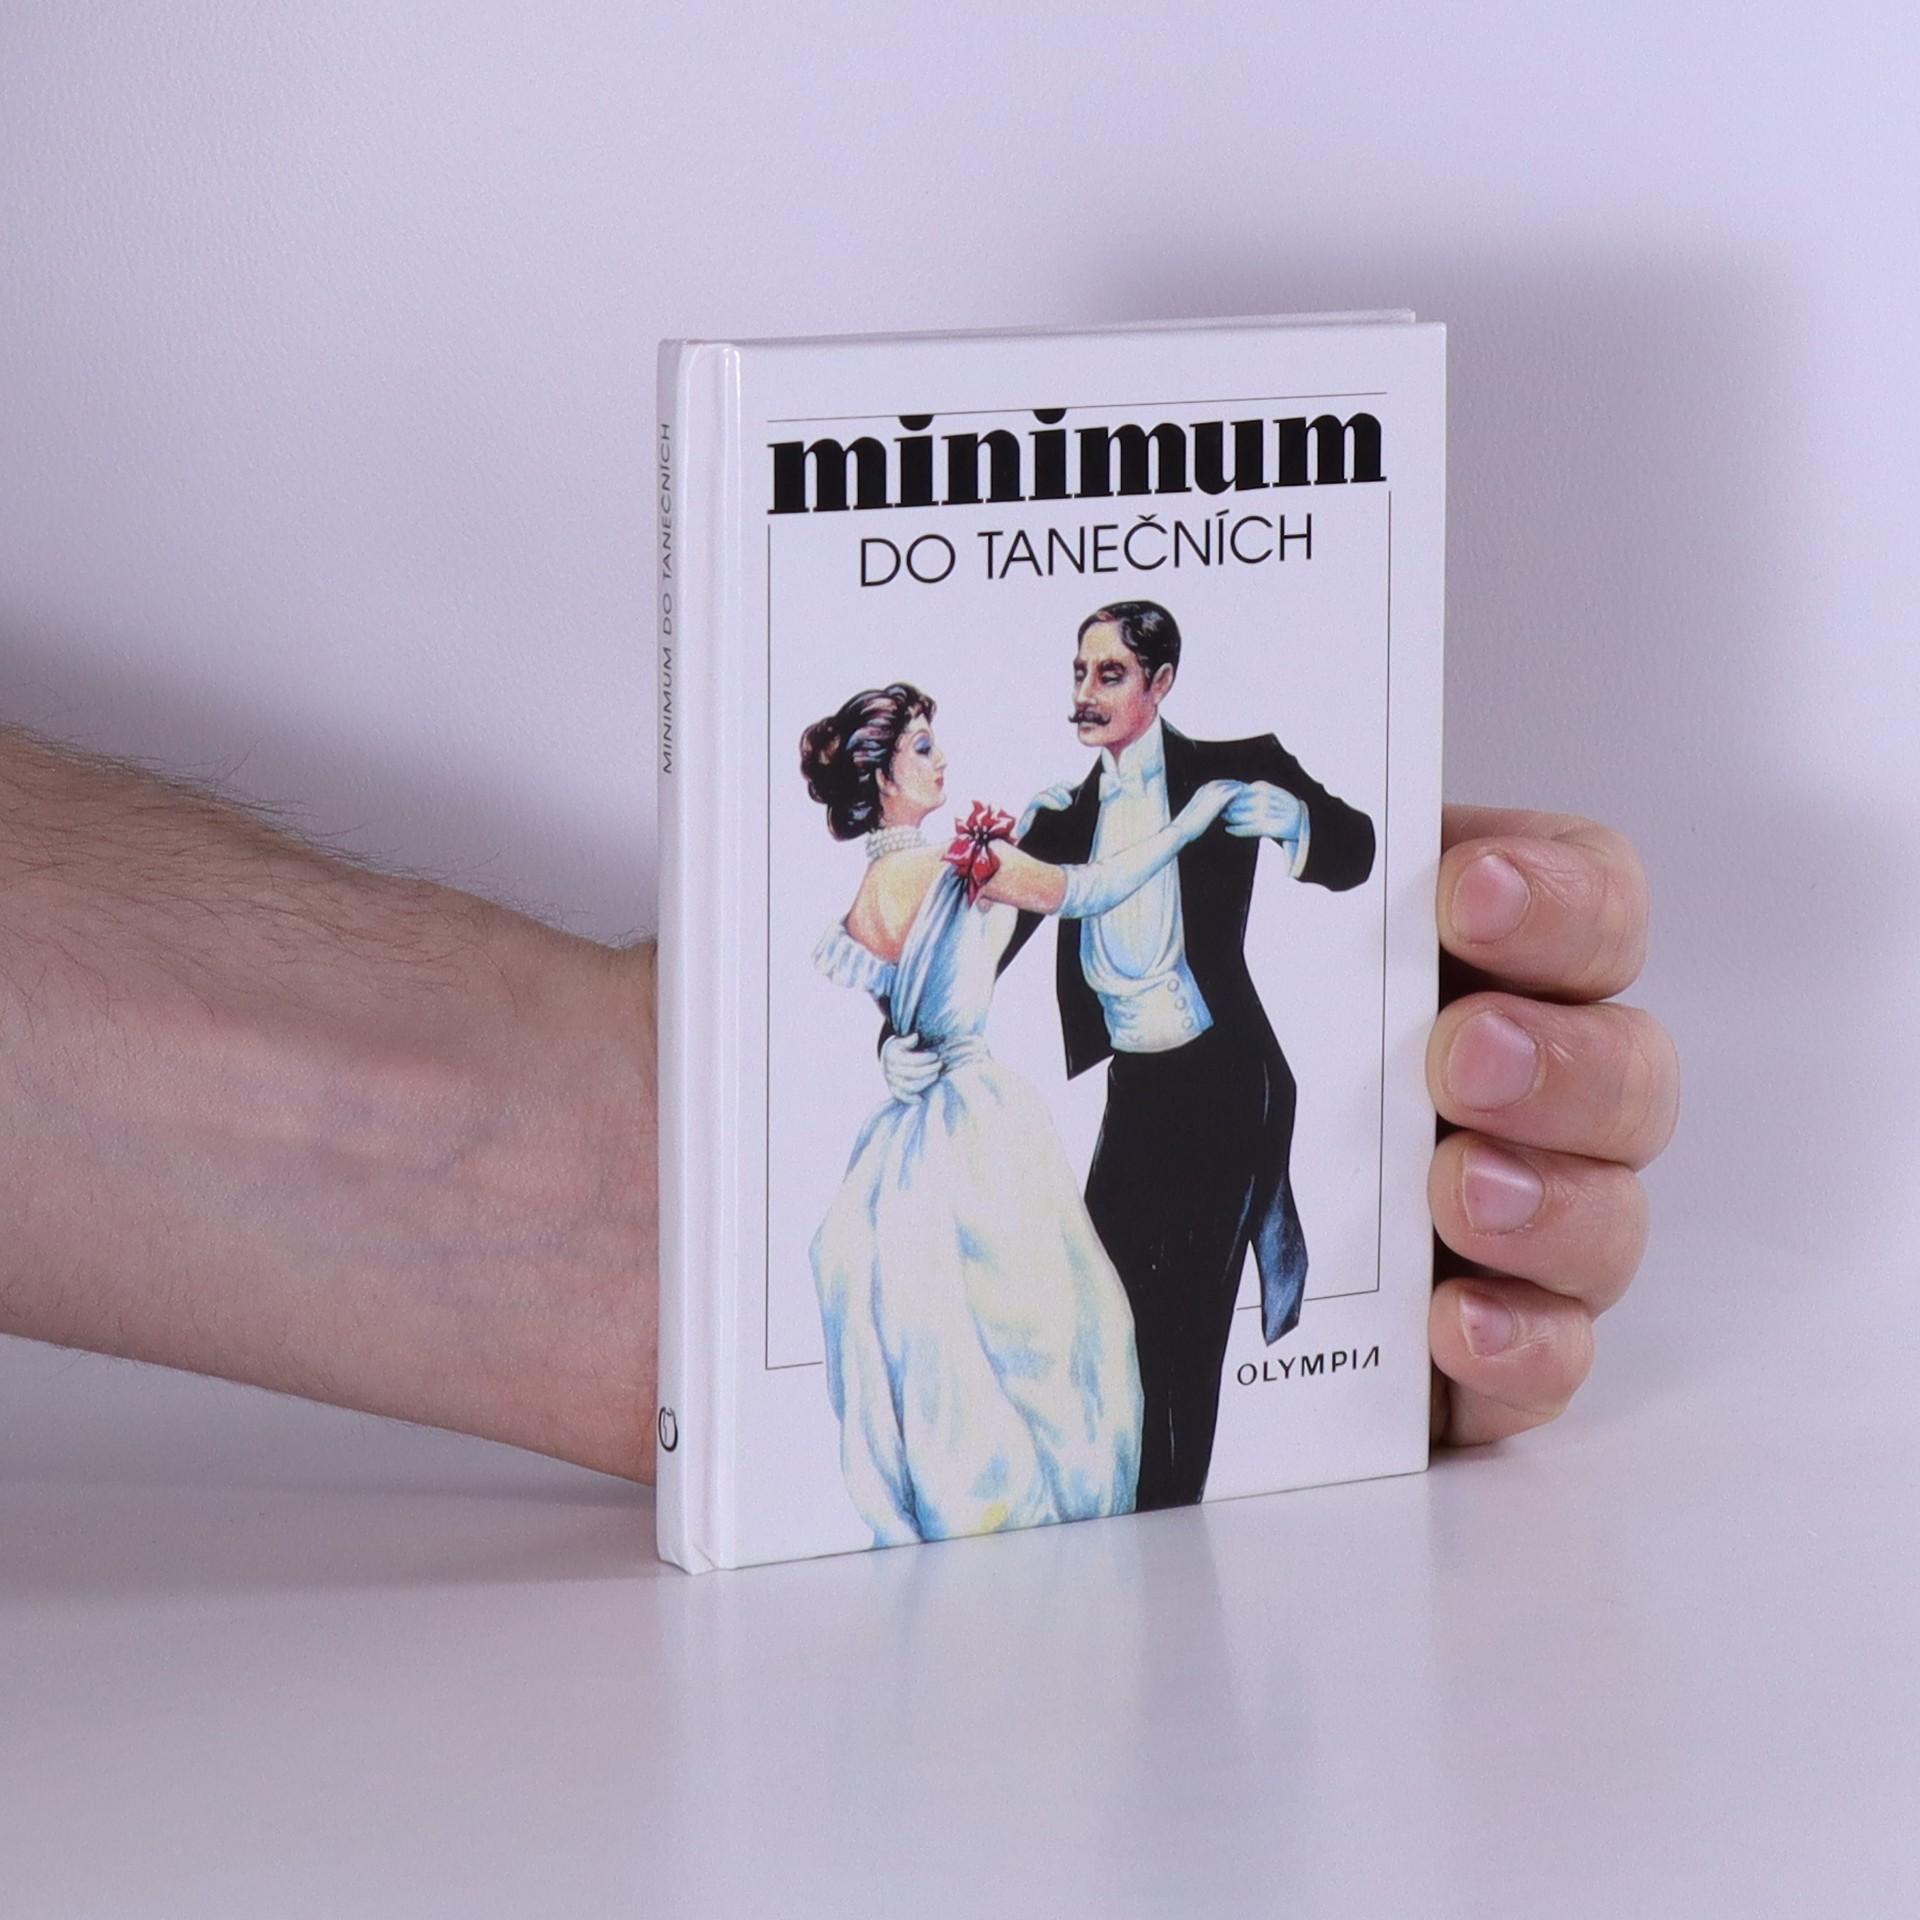 antikvární kniha Minimum do tanečních, neuveden